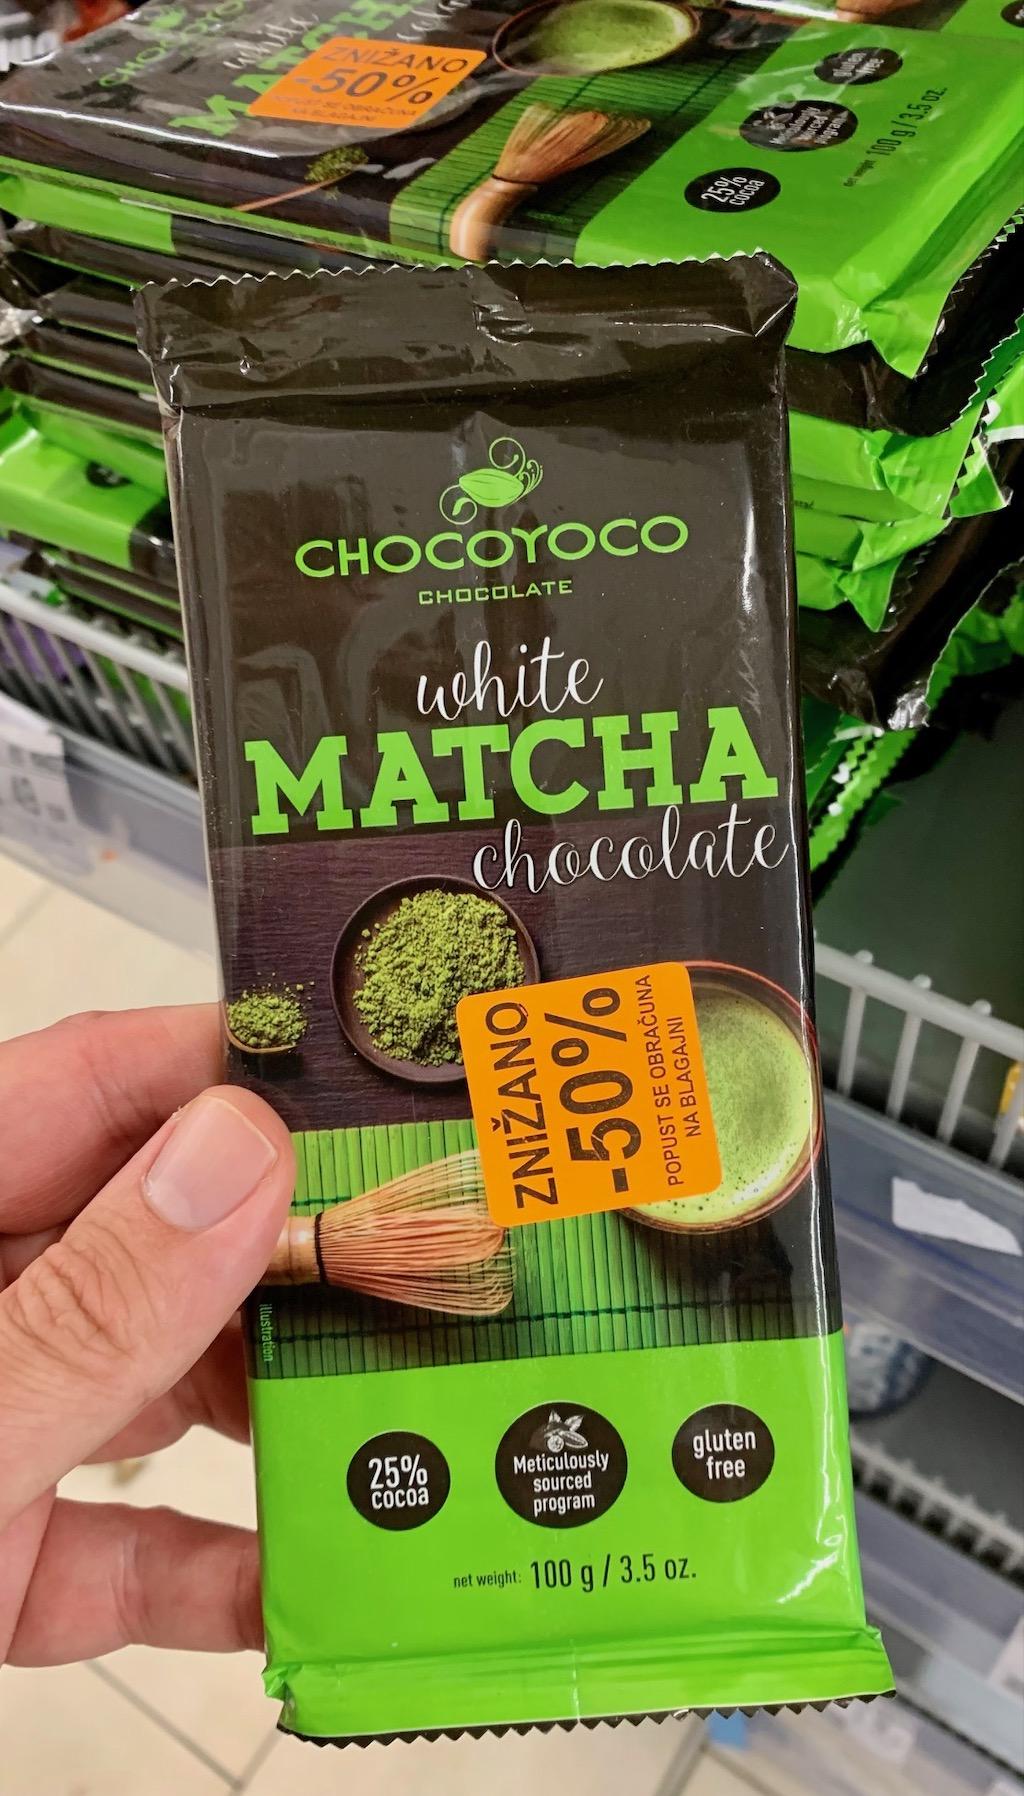 Chocoyoco White Matcha Chocolate 100G